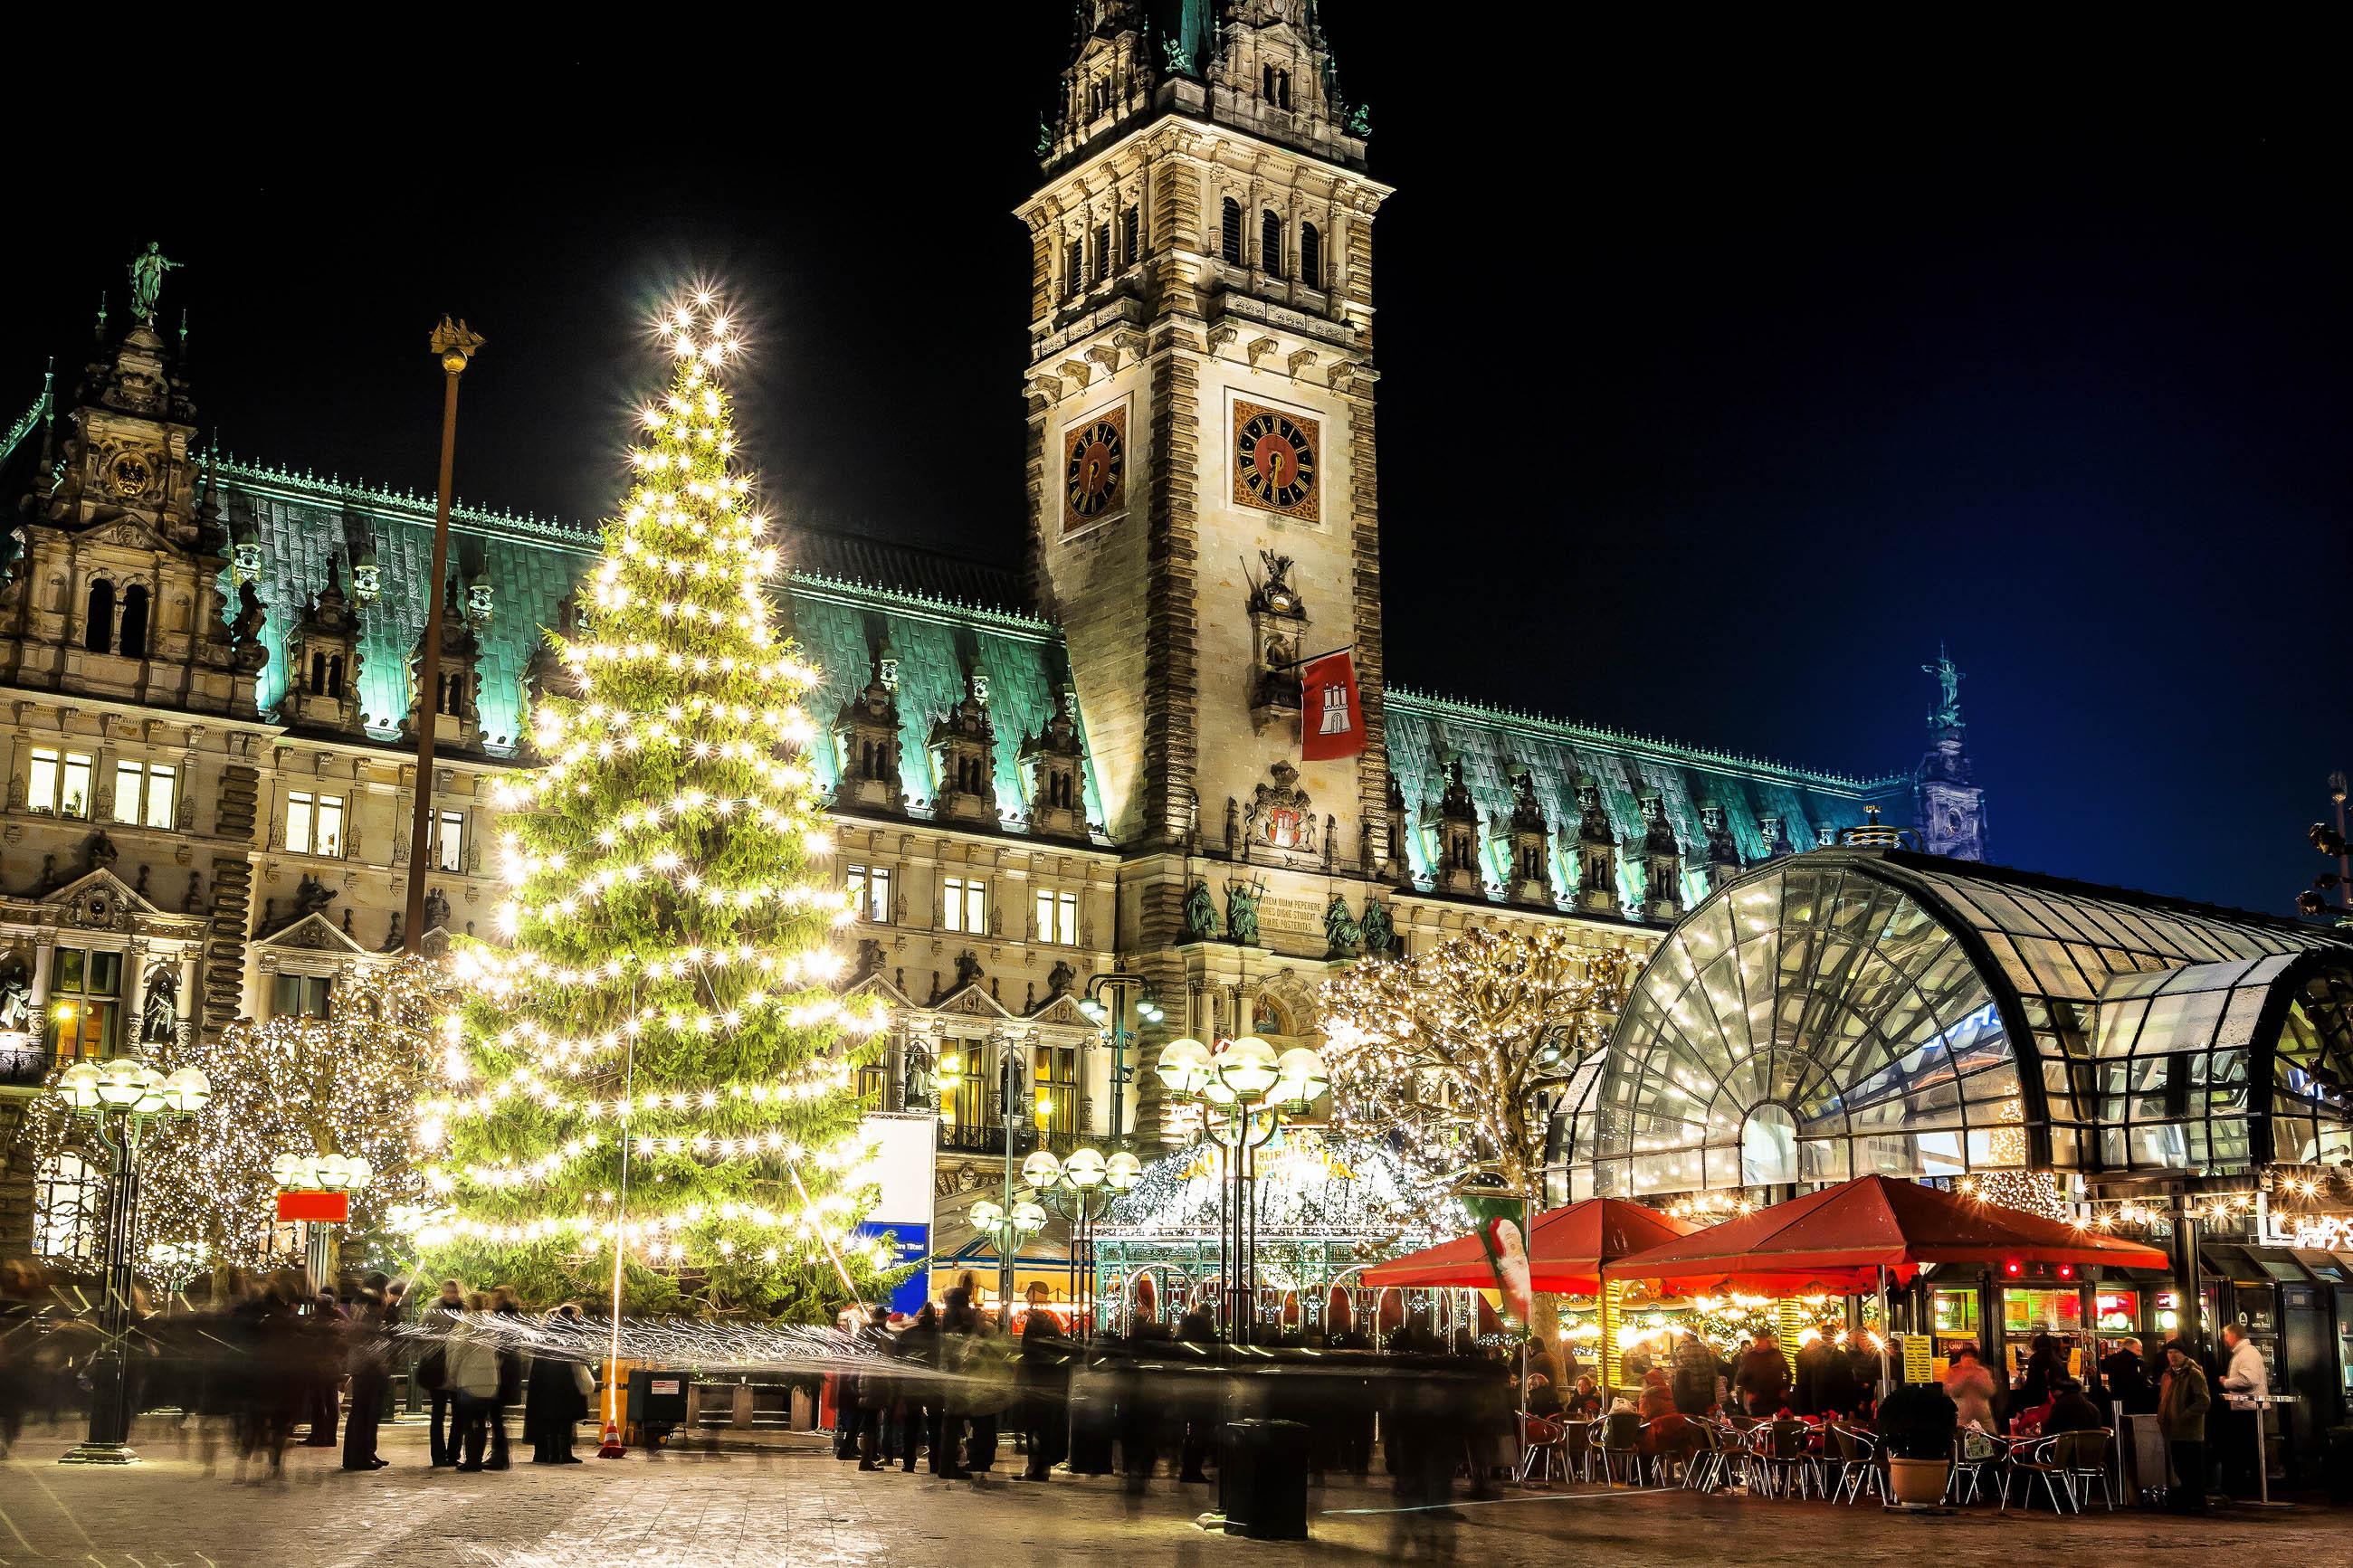 Hamburger Weihnachtsmarkt.Bilder Weihnachtsmärkte In Hamburg Deutschland Franks Travelbox